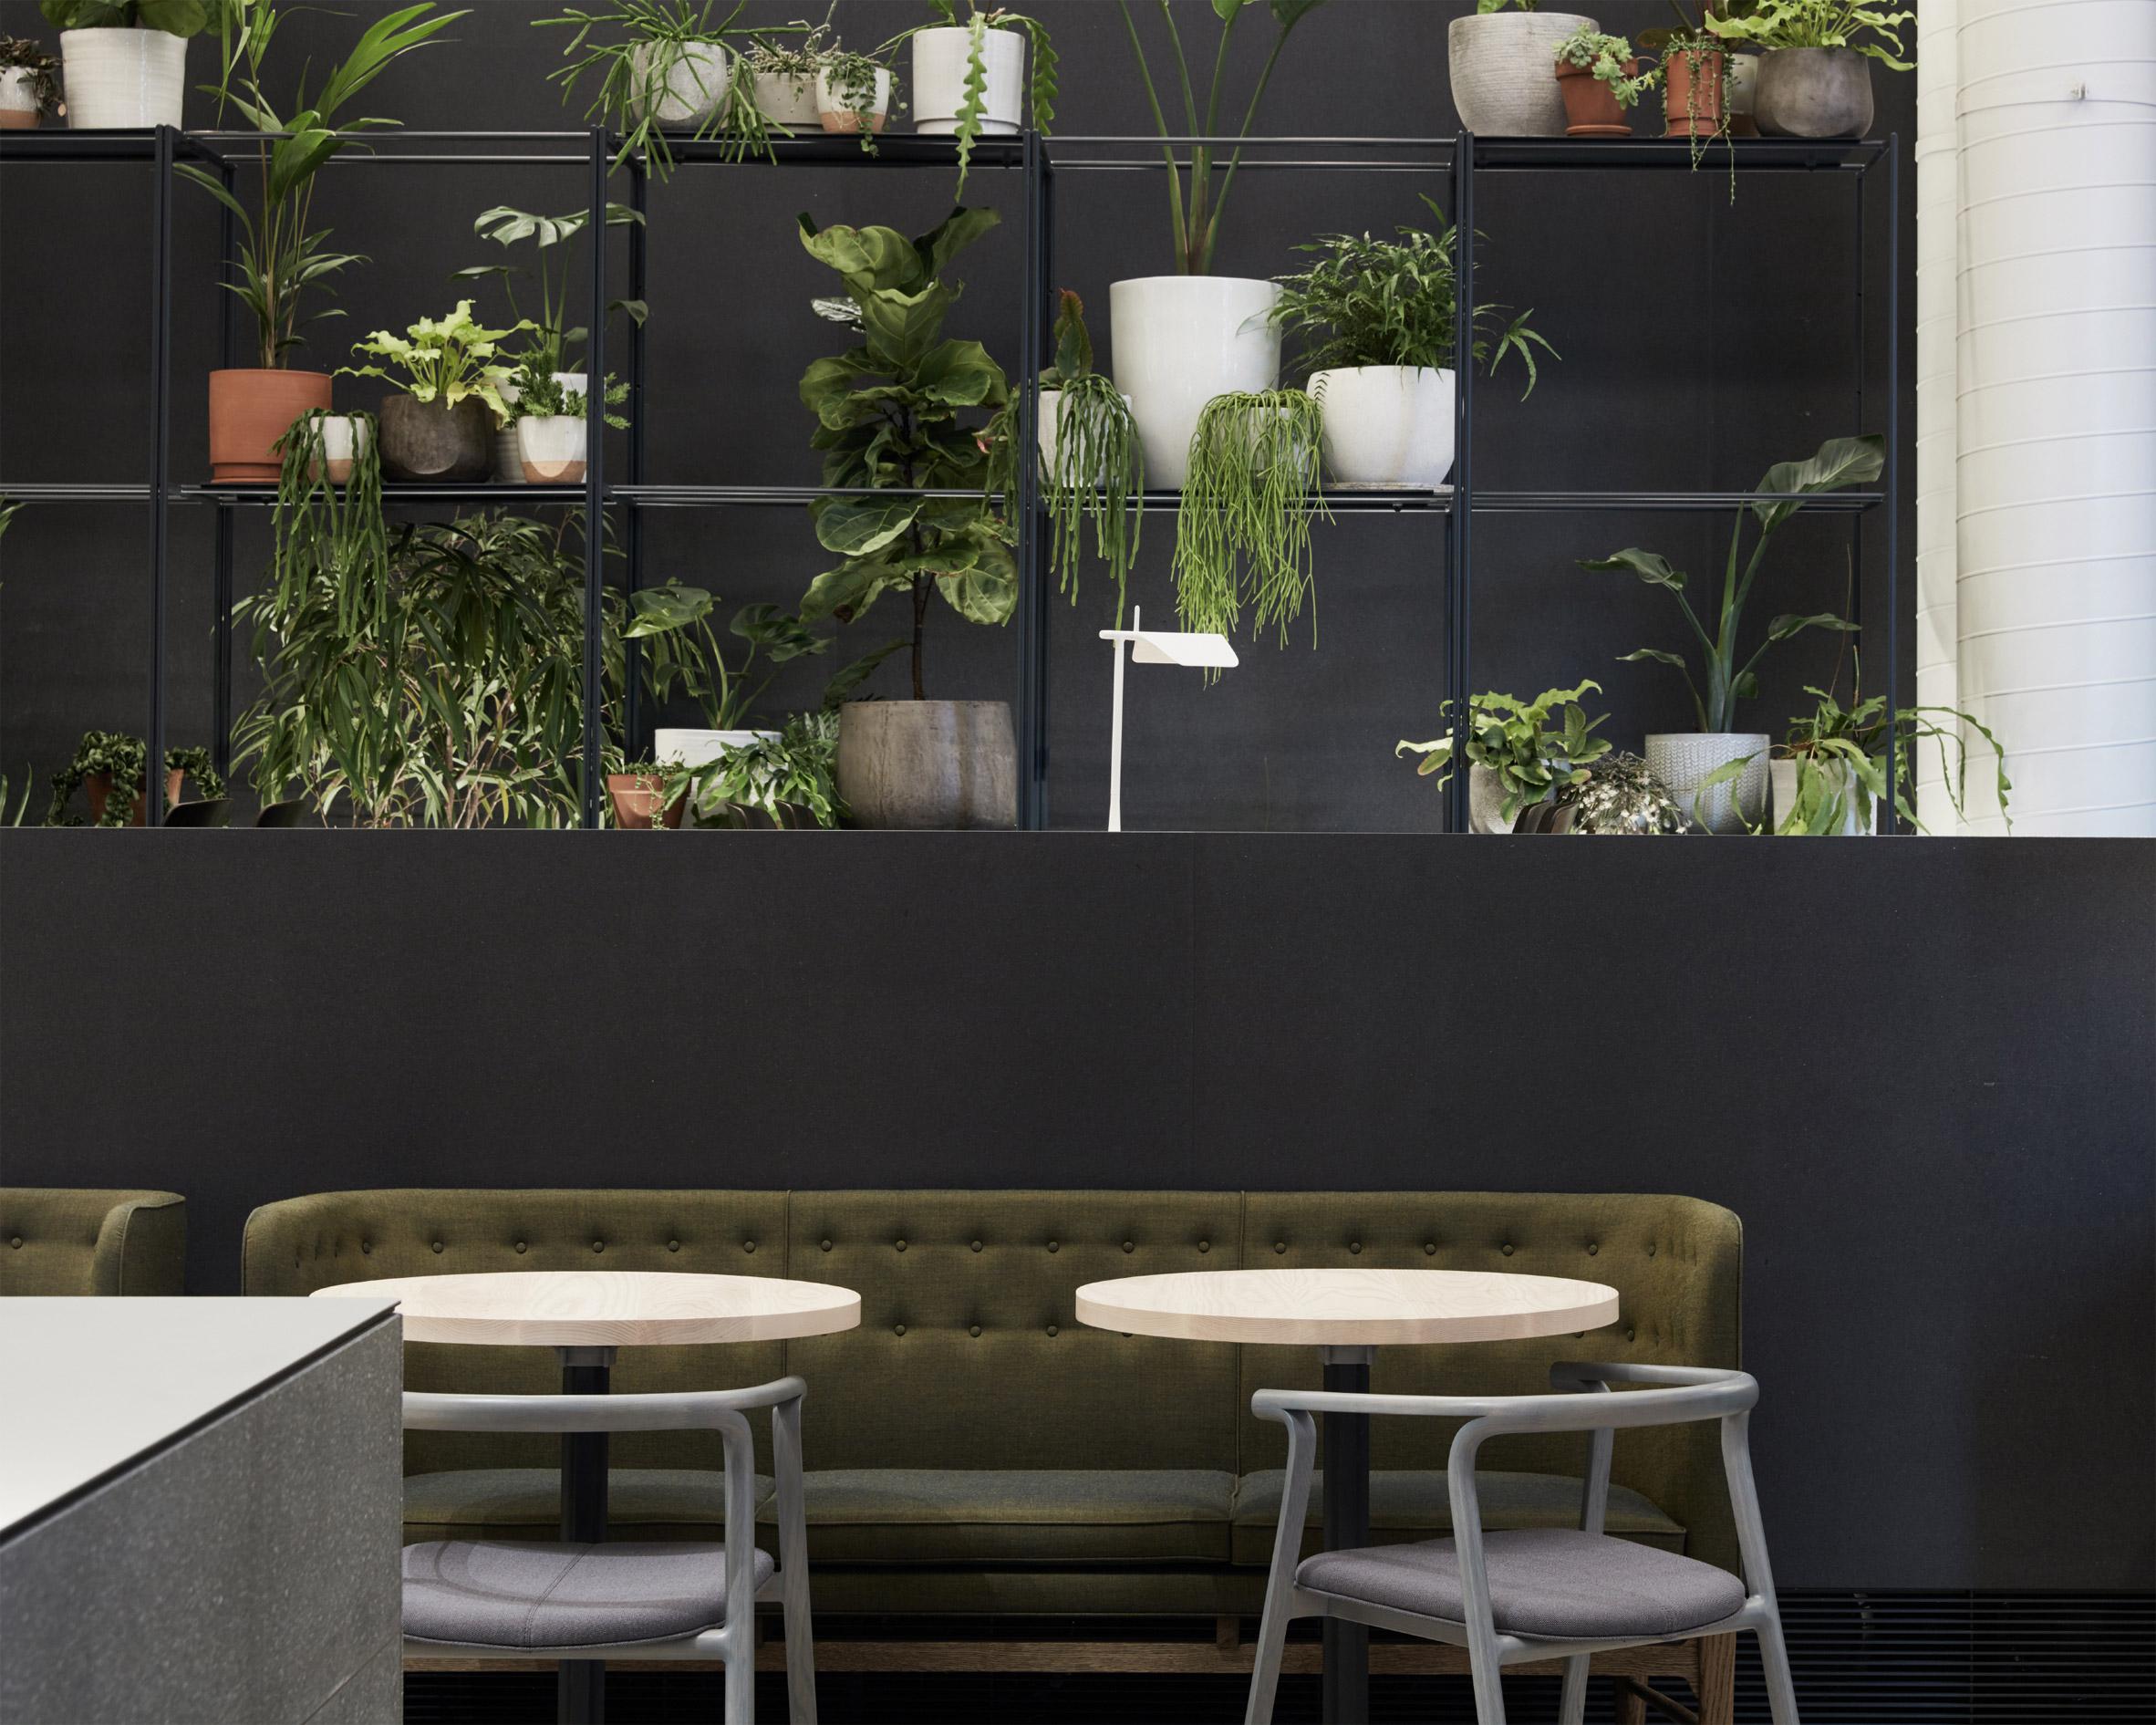 higher-ground-design-office-interior-melbourne-australia_dezeen_2364_col_5-1